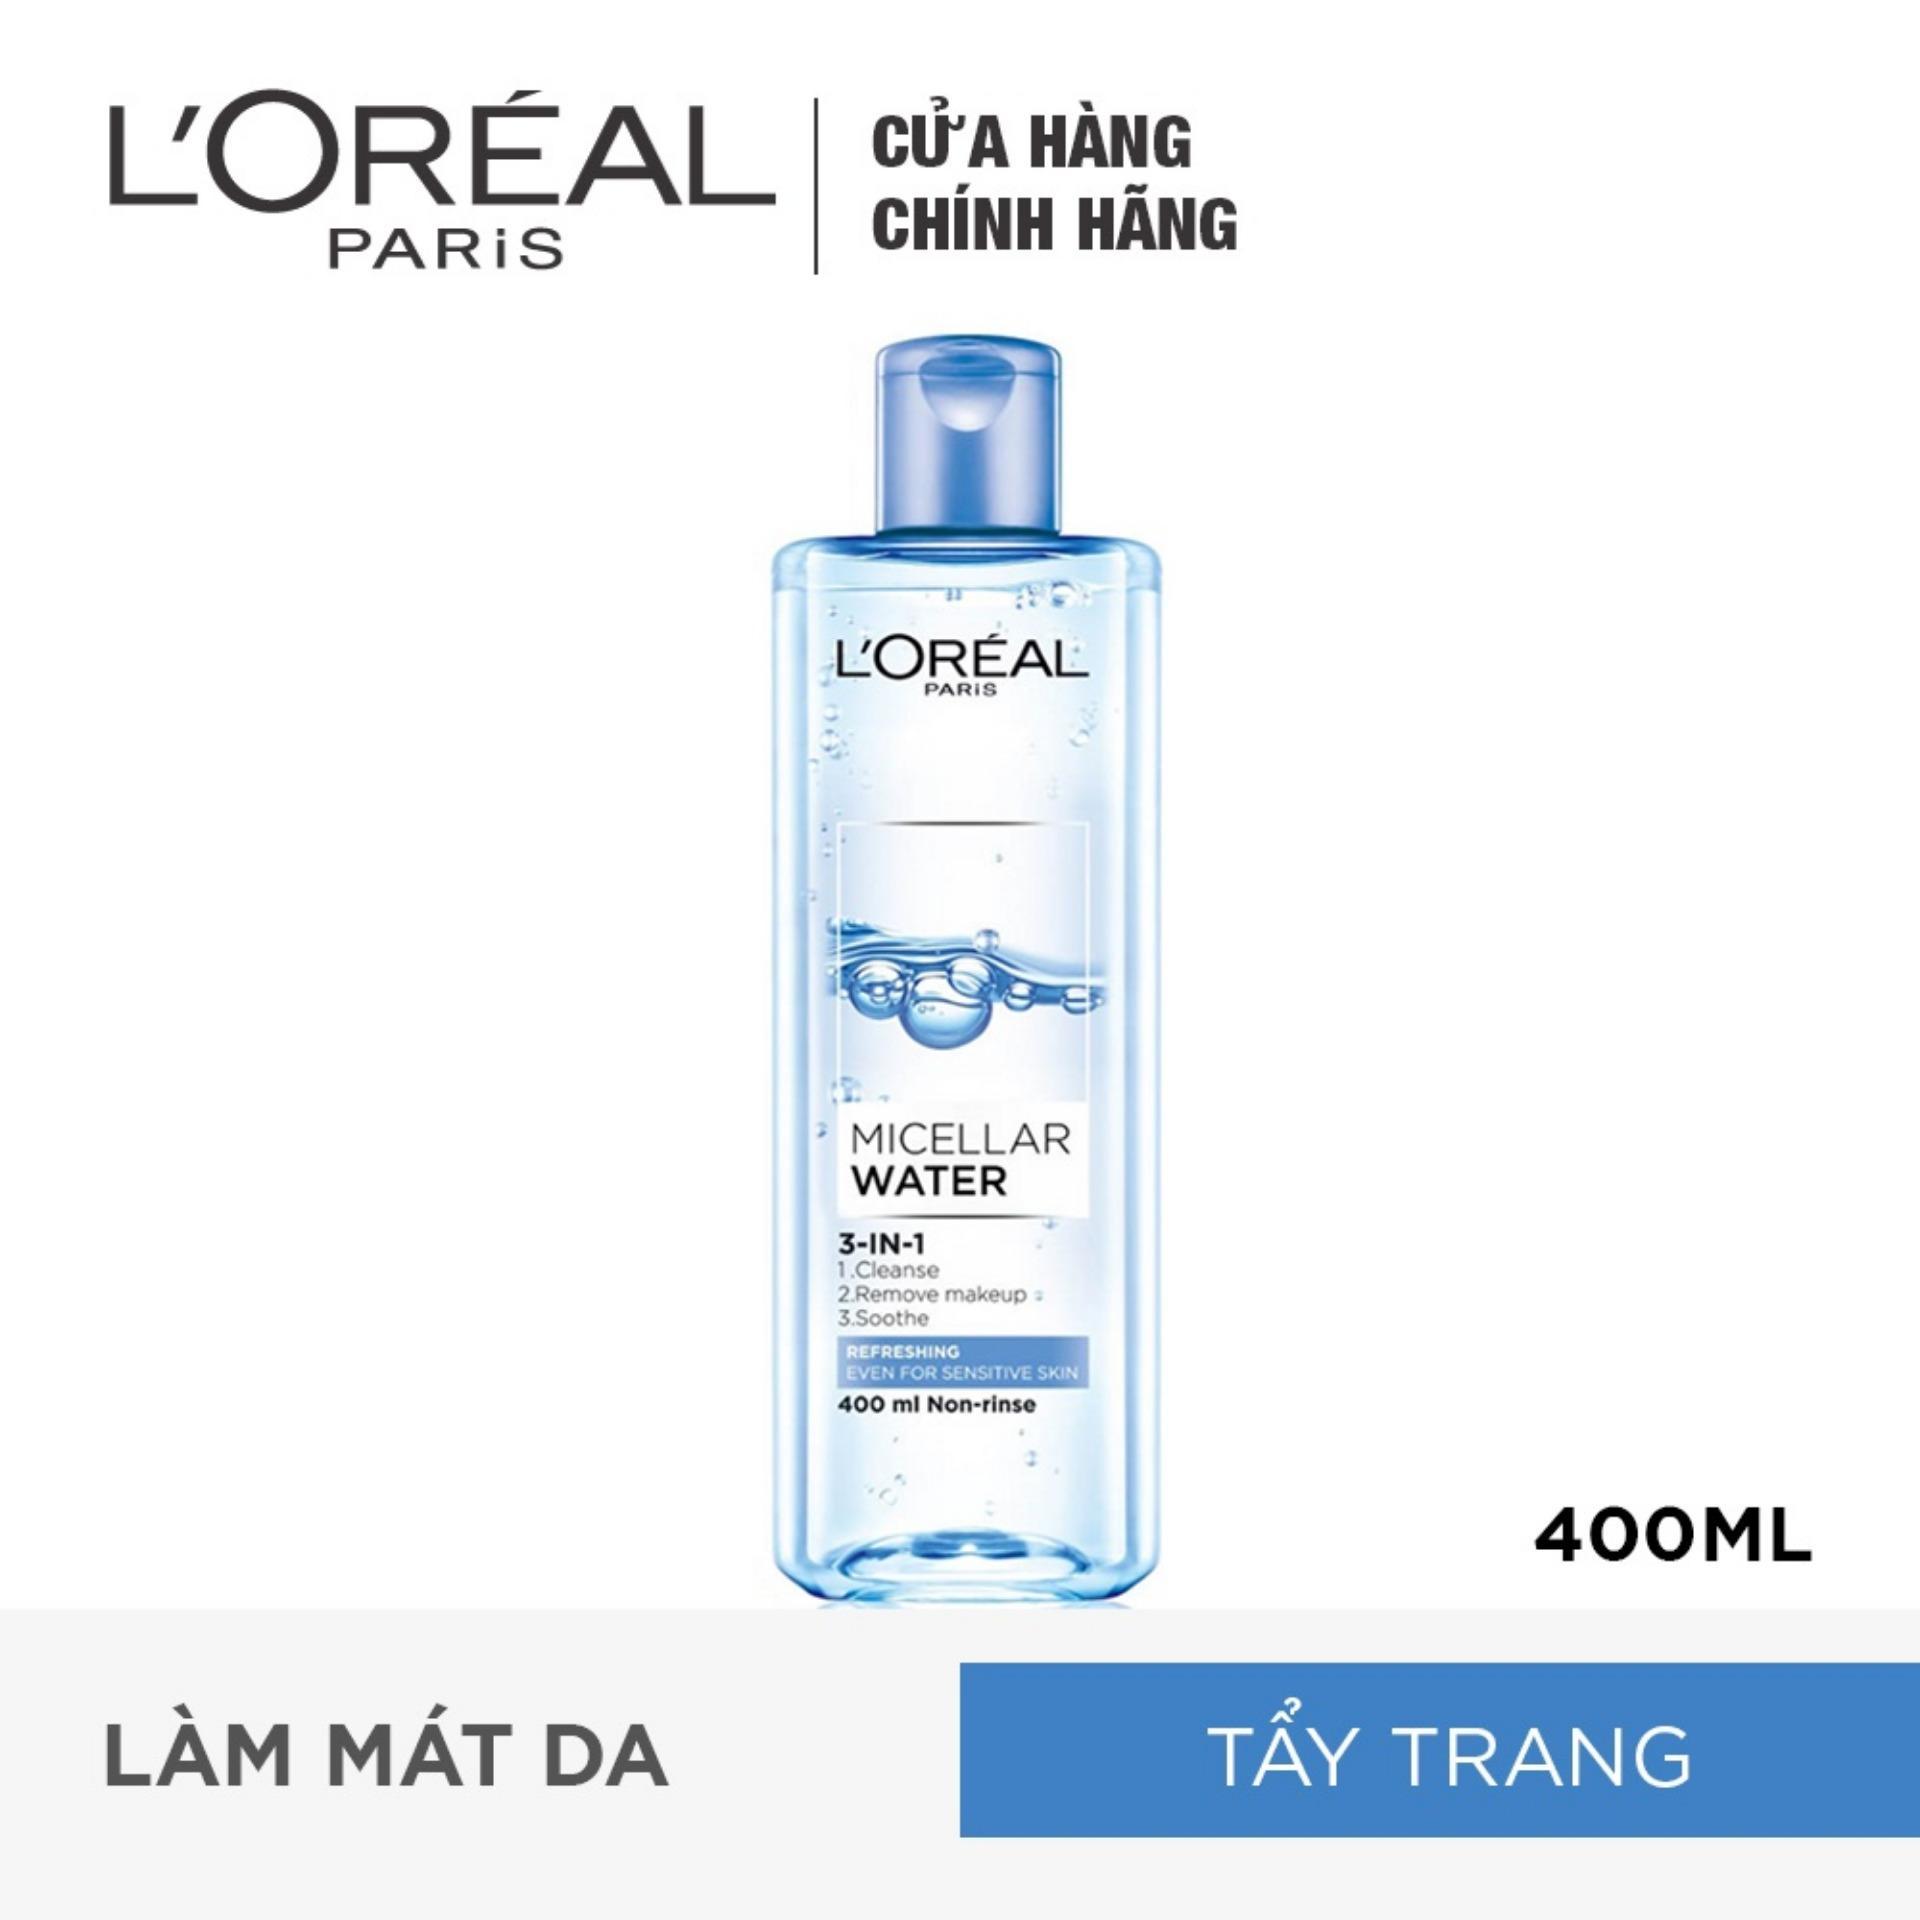 Nước tẩy trang tươi mát L'Oreal Paris Micellar Water 400ml (xanh dương nhạt)